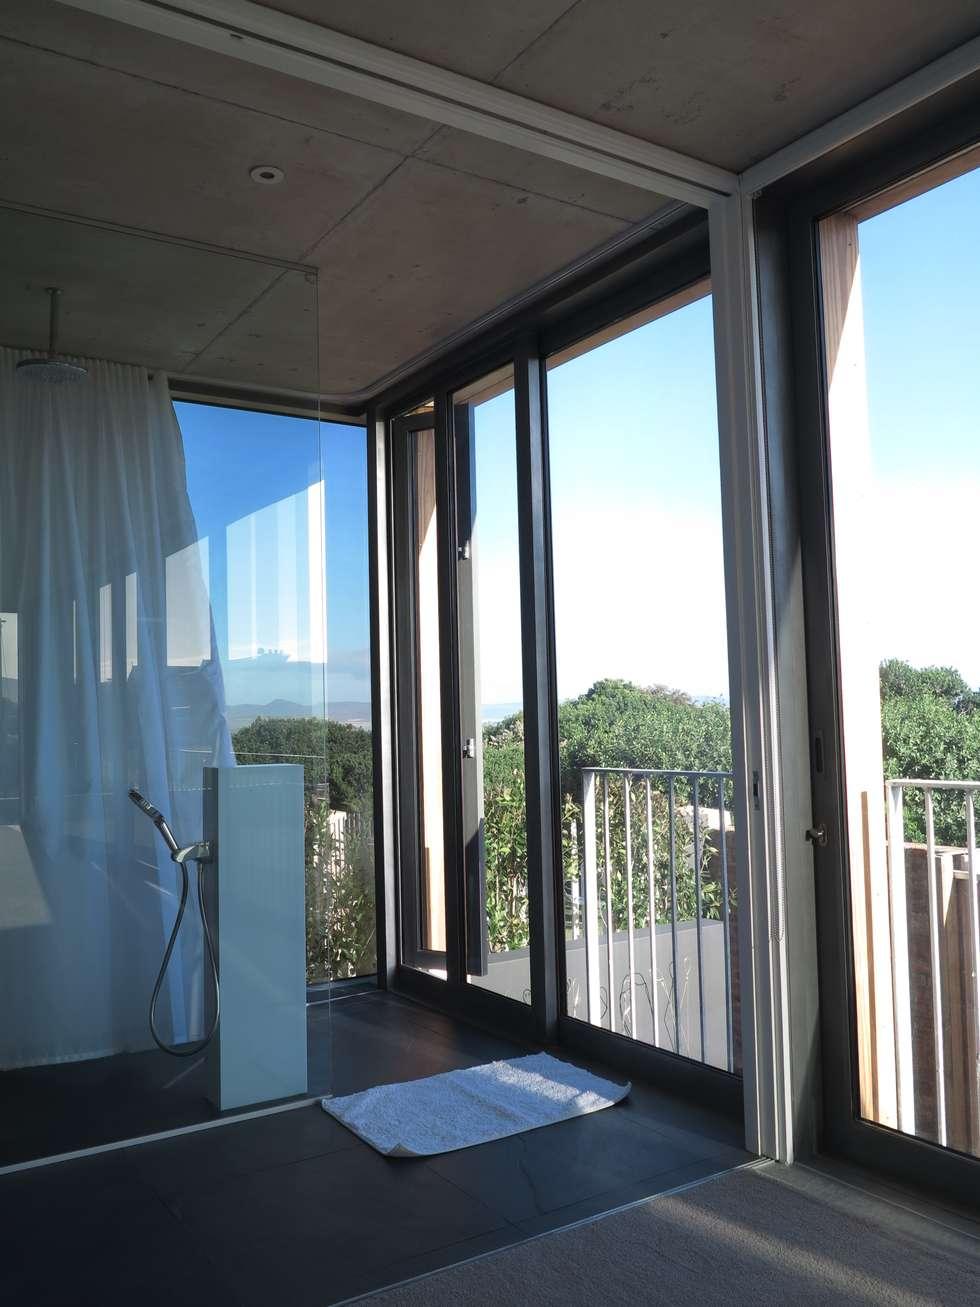 Main En-Suite Shower: modern Bathroom by Van der Merwe Miszewski Architects